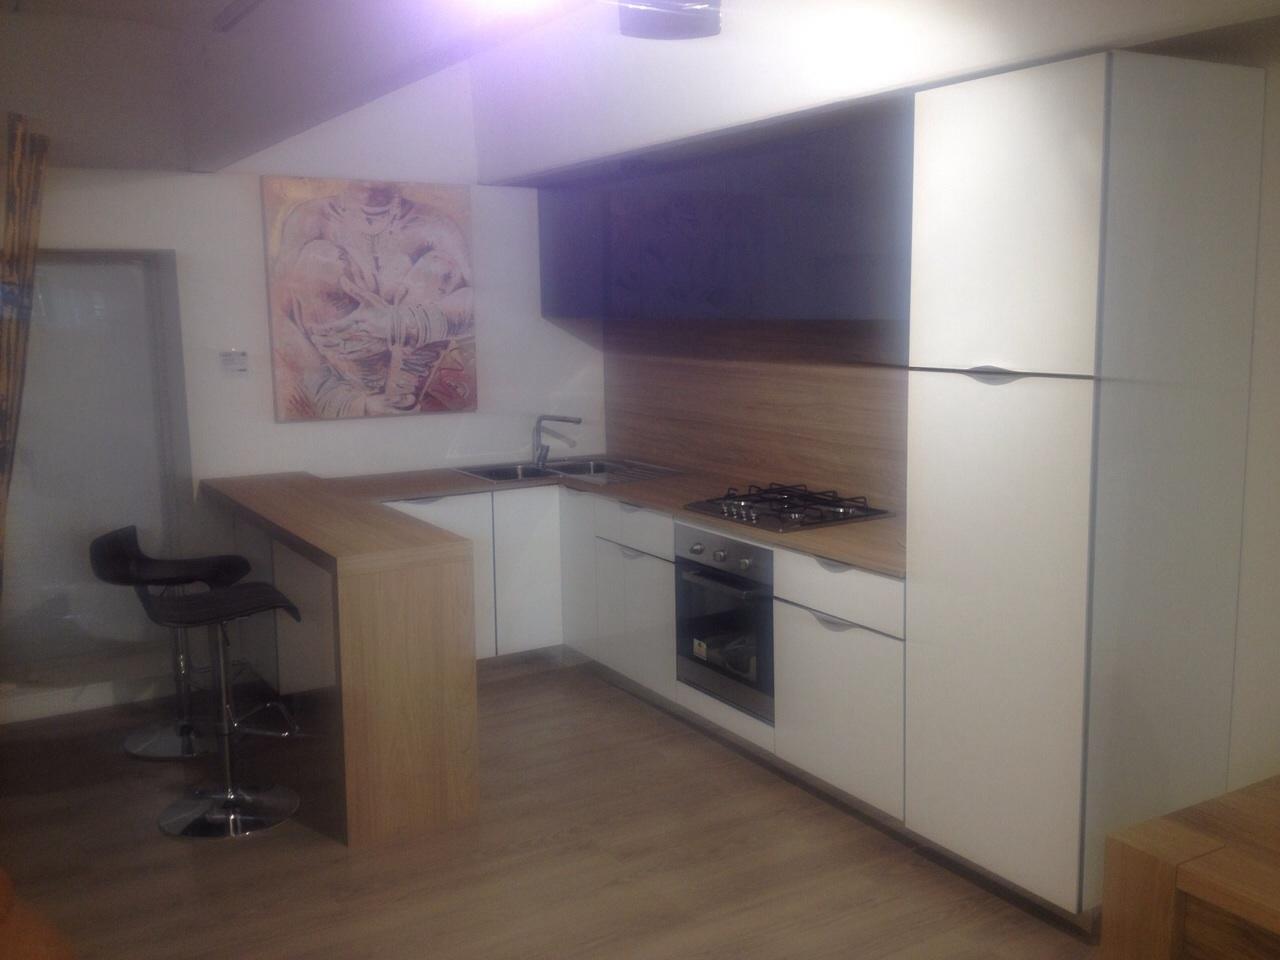 Super offerta cucina stosa modello aleve colore bianco e - Cucina in offerta ...